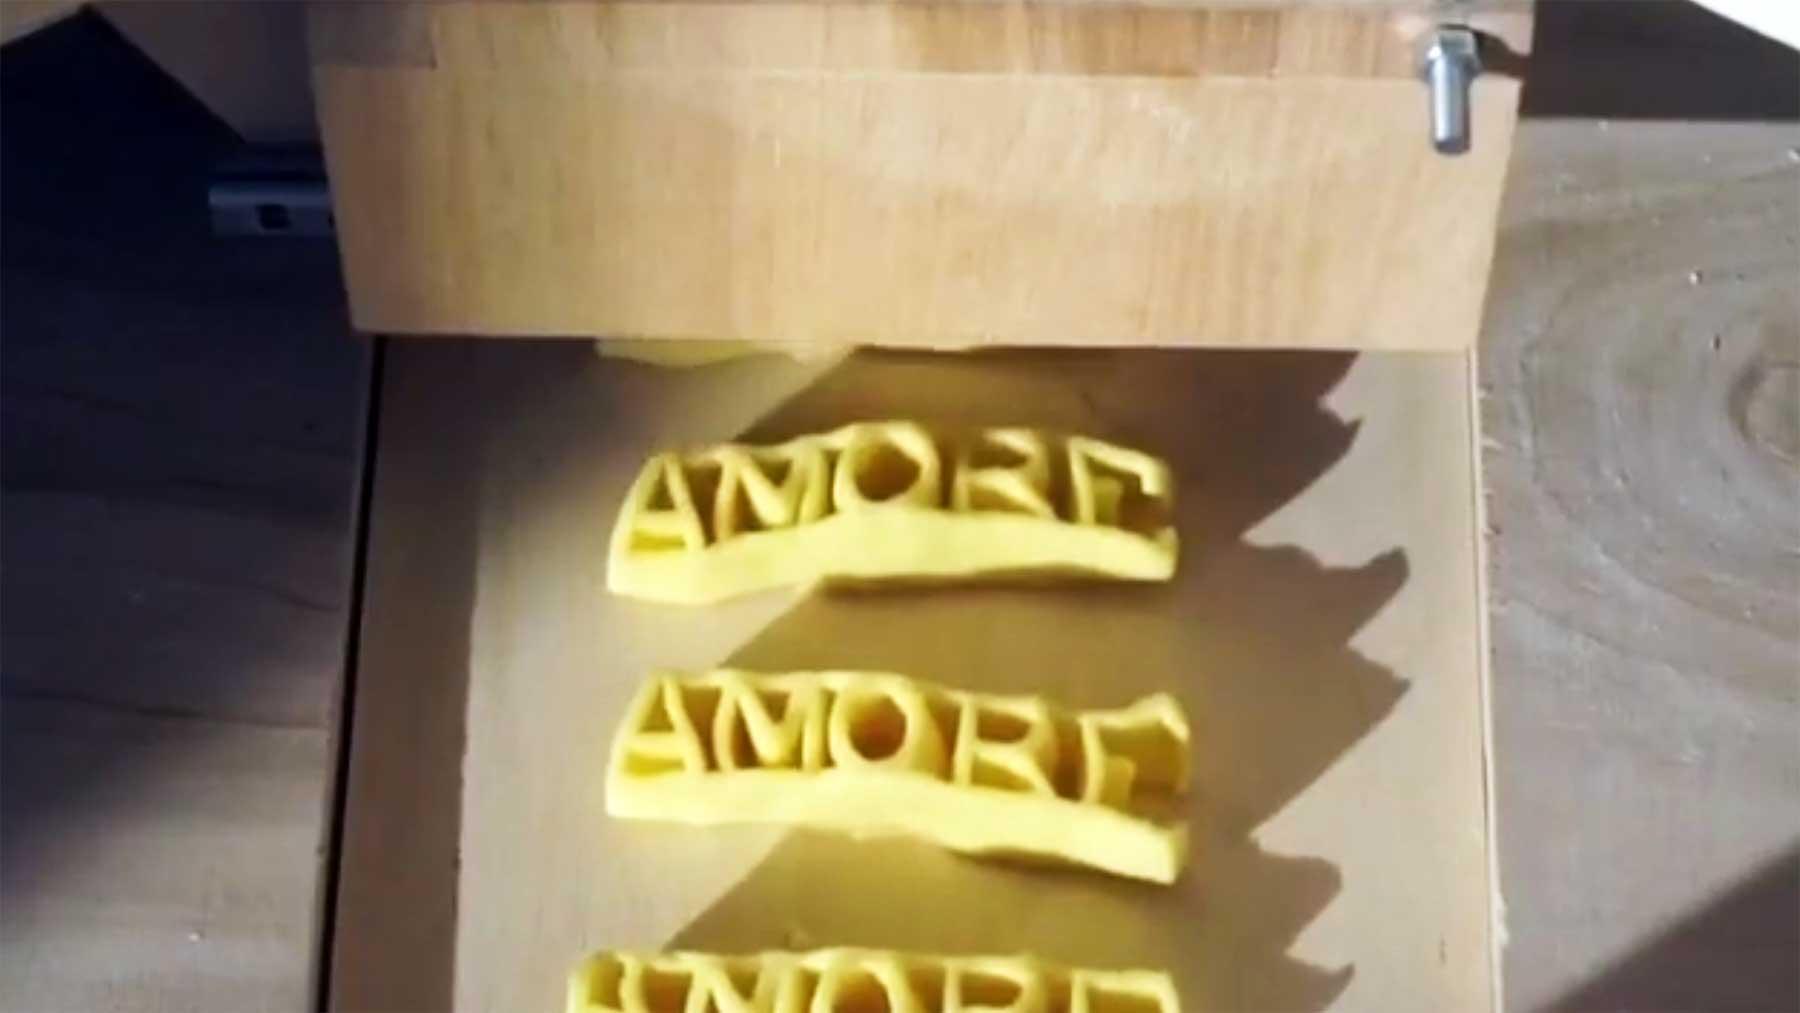 Pasta schreiben mit der Nudel-Druckerpresse pasta-drucker